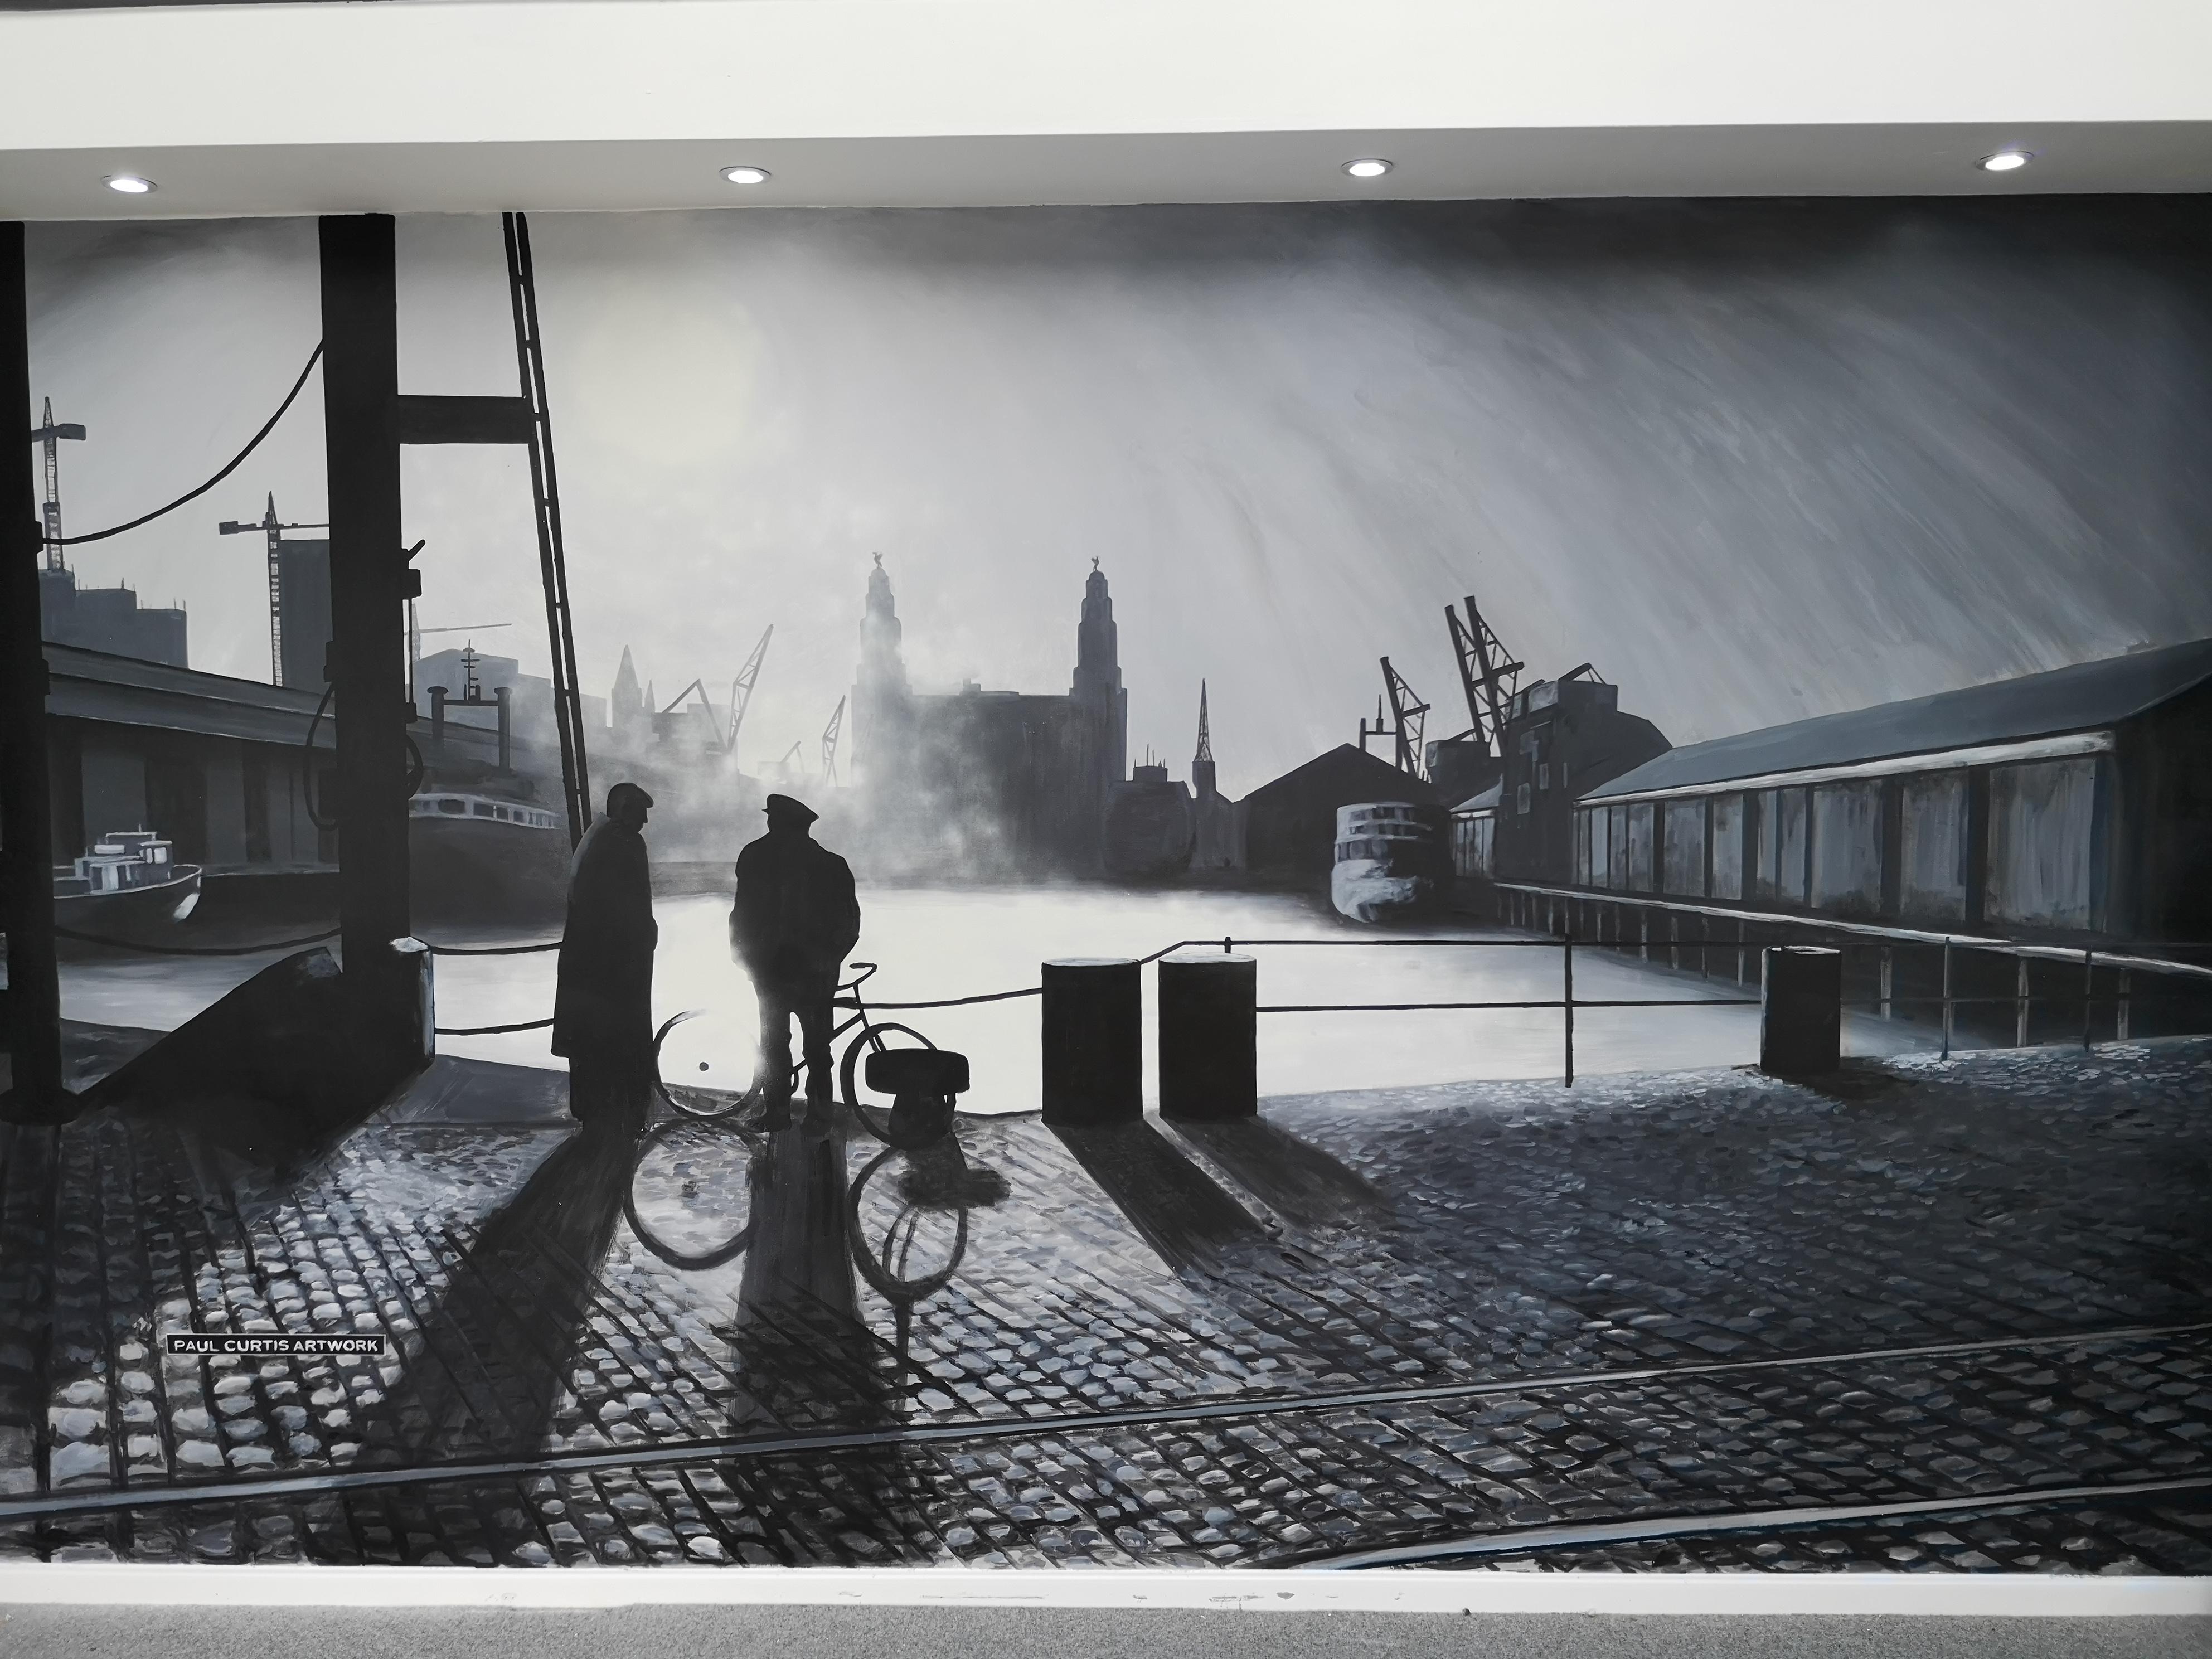 Paul Curtis Docks Painting